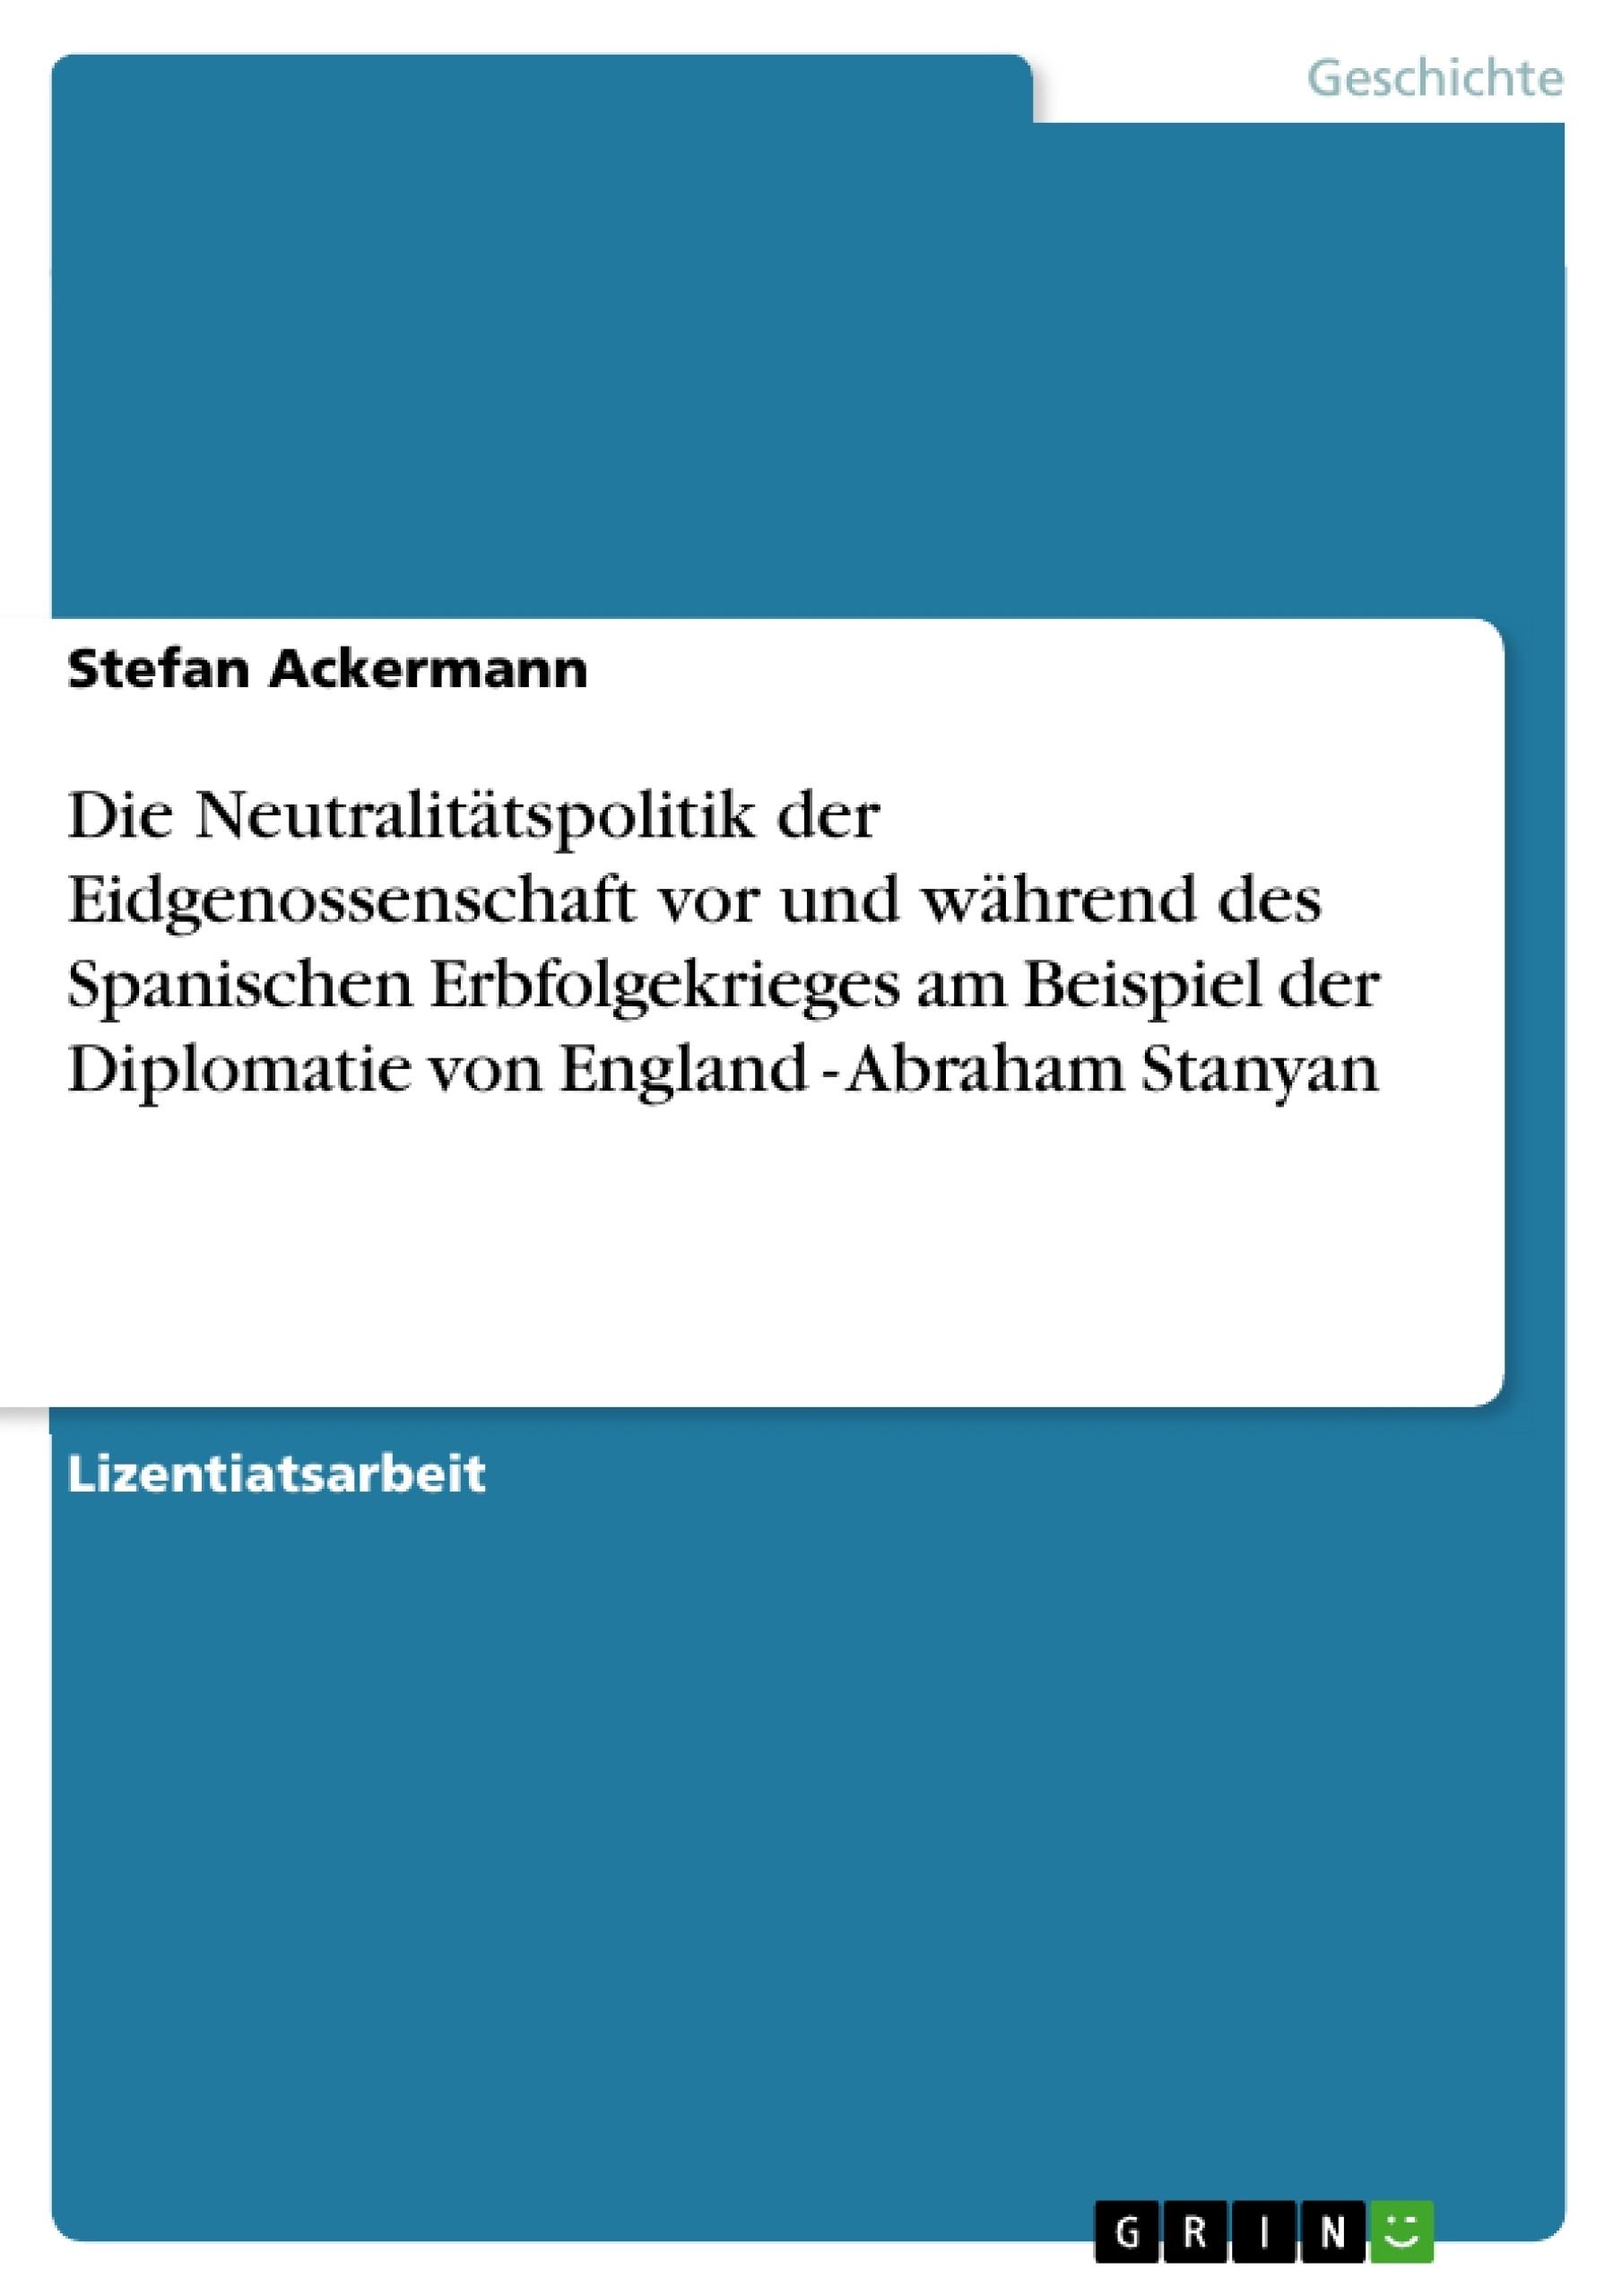 Titel: Die Neutralitätspolitik der Eidgenossenschaft vor und während des Spanischen Erbfolgekrieges am Beispiel der Diplomatie von England - Abraham Stanyan